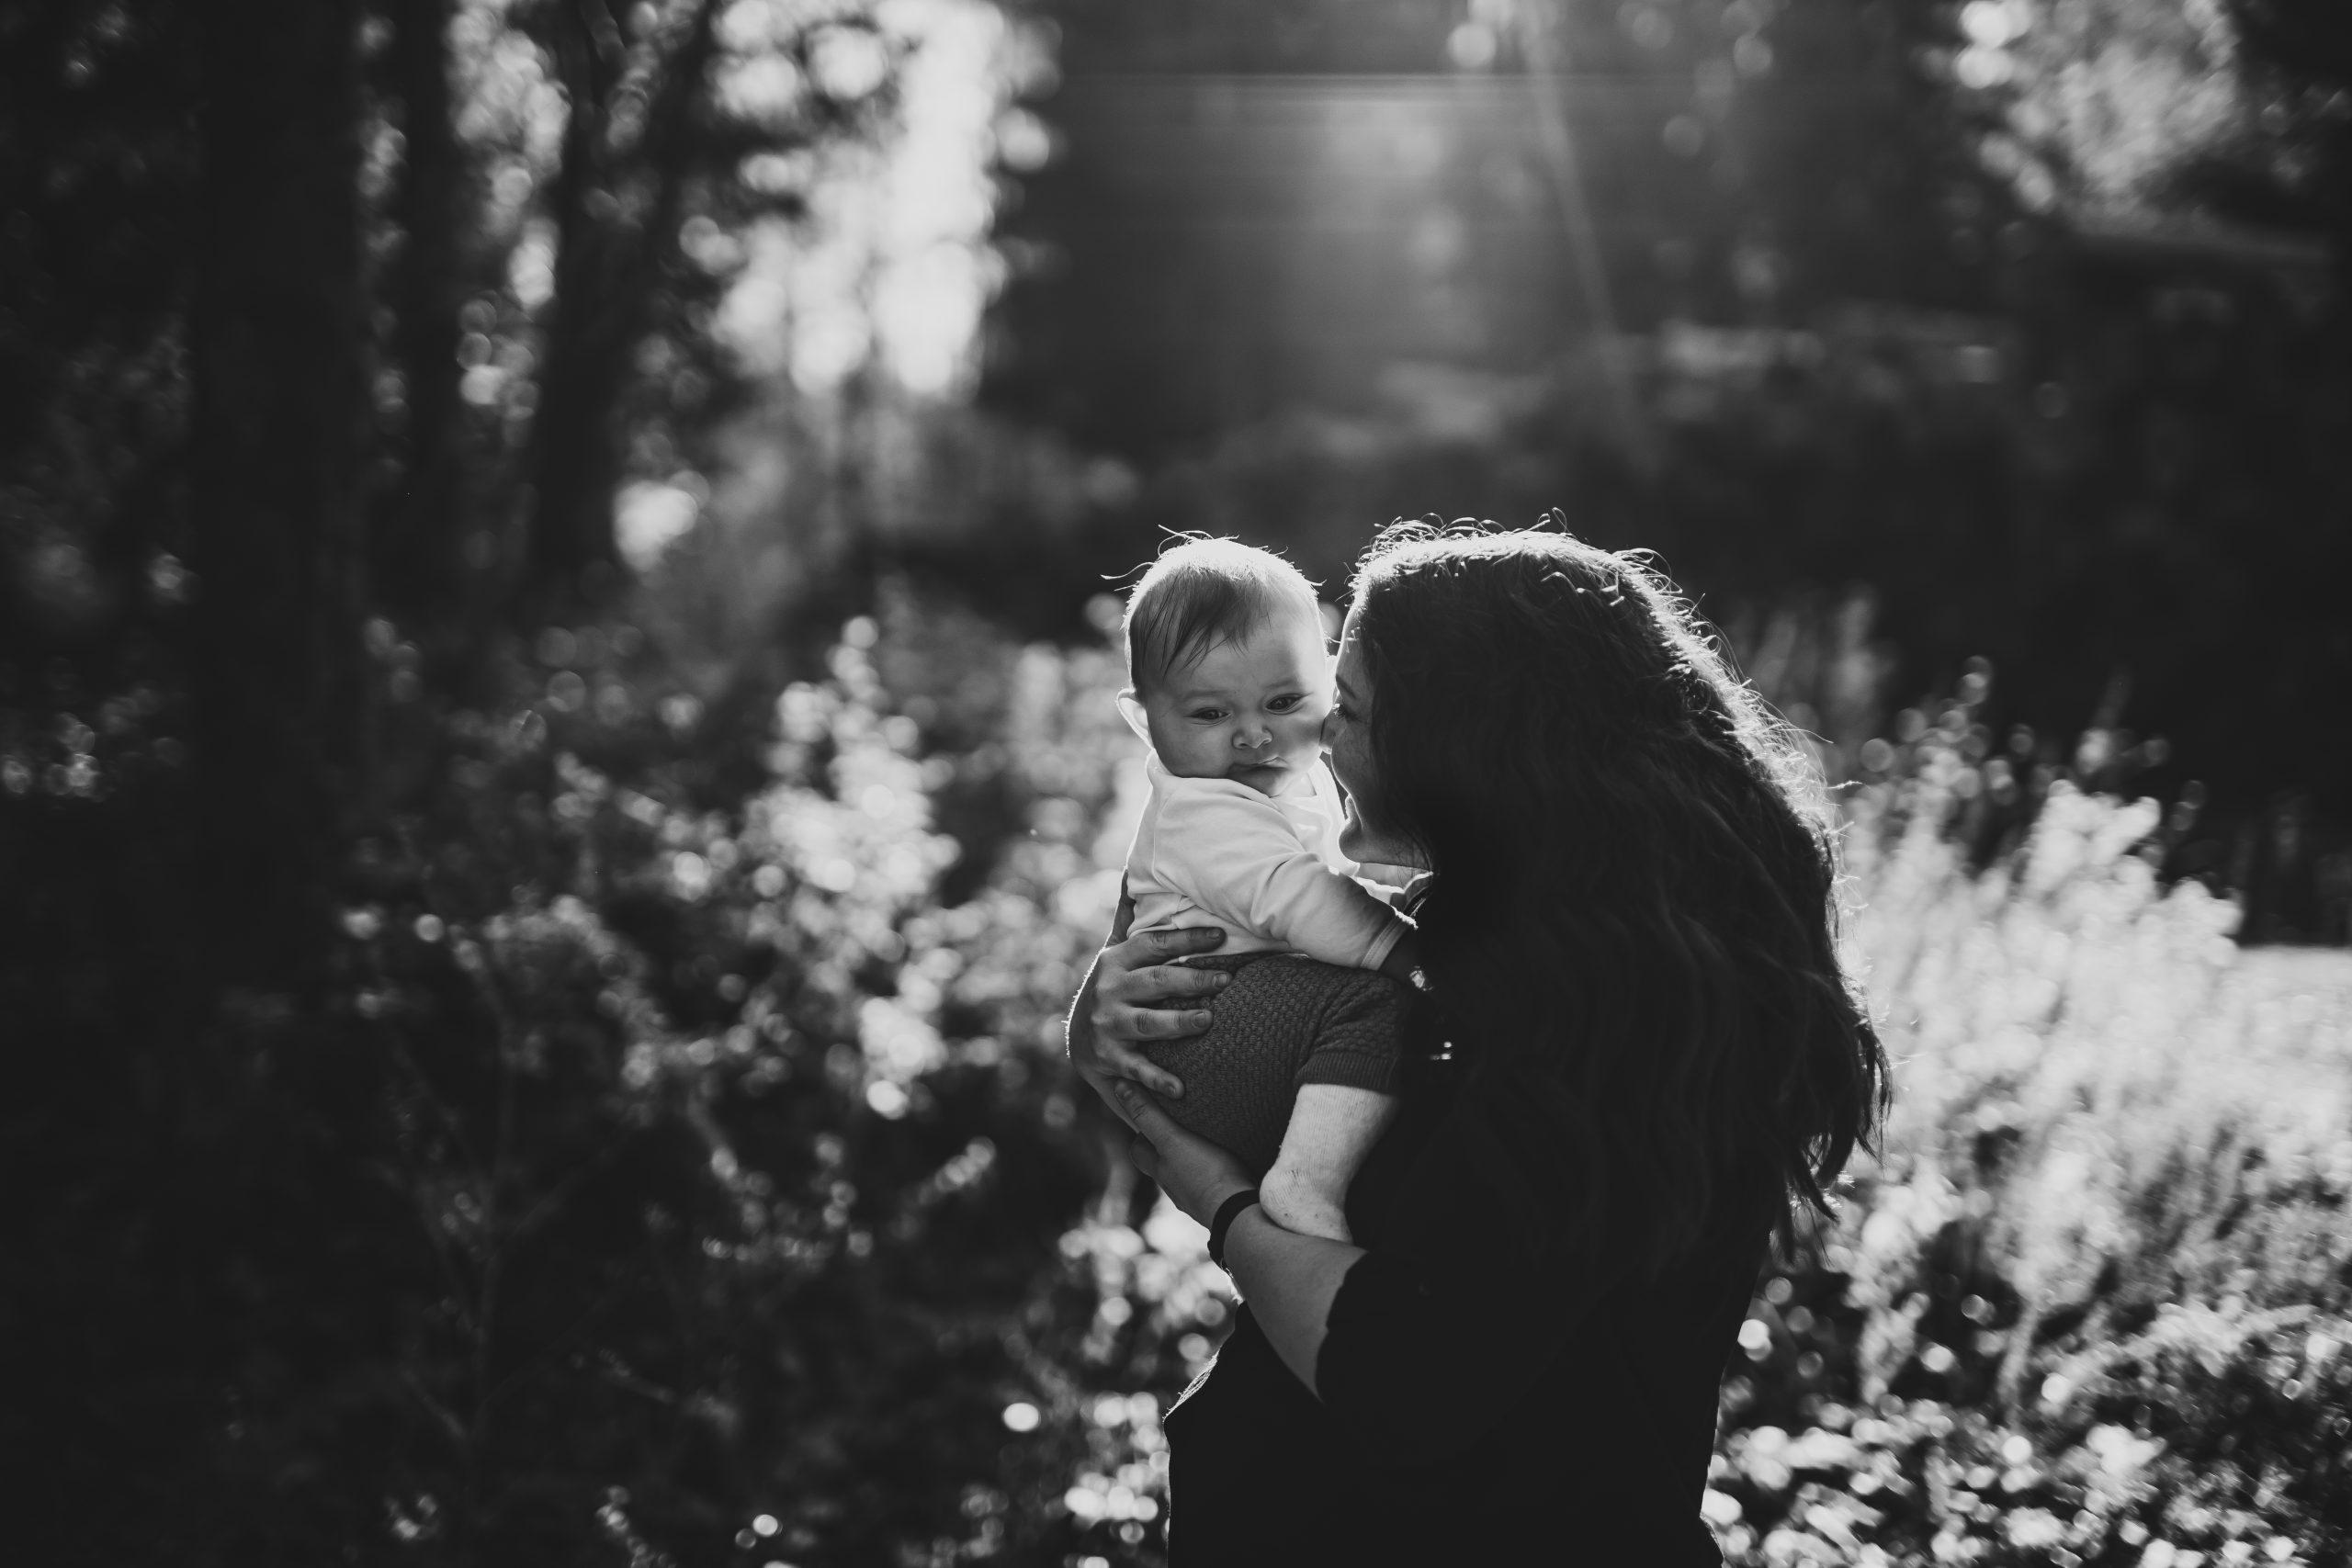 Natur Fotografie, Fotoshooting in der Natur, Neugeborenen Shooting, Babyfotograf, Babyfotografin, Babybauchshooting, babyfotografin, schwangerschaftsfotografie, schweiz, niederbipp, Belly, Fotoshooting, schwangerschaftsshooting Detail Fotografie, Newborn Fotografin,Babybauchshooting, Schwangerschaftsshooting, Babyfotografin, Fotografin, Babybauch Fotografie, Fotostudio Baby, Kinderfotografie, Kinderfotografien, Kinderfotoshooting, Kinder Fotostudio, Familienfotografin, Familienfotoshooting, Familien Fotostudio, Outdoor Fotoshooting, Baby, Babybauch, Schwangerschaft, Erinnerungen für die Ewigkeit, Solothurn, Niederbipp, Zürich, Bern, Aarau, Aargau, Oberaargau, Luzern, Langenthal, Basel, Oberland, Natürliche Fotografie, Pure Fotografie, Neugeborenenshooting natürlich, Newbornshooting natürlich, natürliche Babybilder, Babyfotograf natürliche Bilder, natürliche Babyfotos, natürliche Babyfotografie, natürliche, emotional, pur, schlicht, Familienbilder, Familienfotografie, Familienfotografin, Kinderfotografin, Kinderfotografie